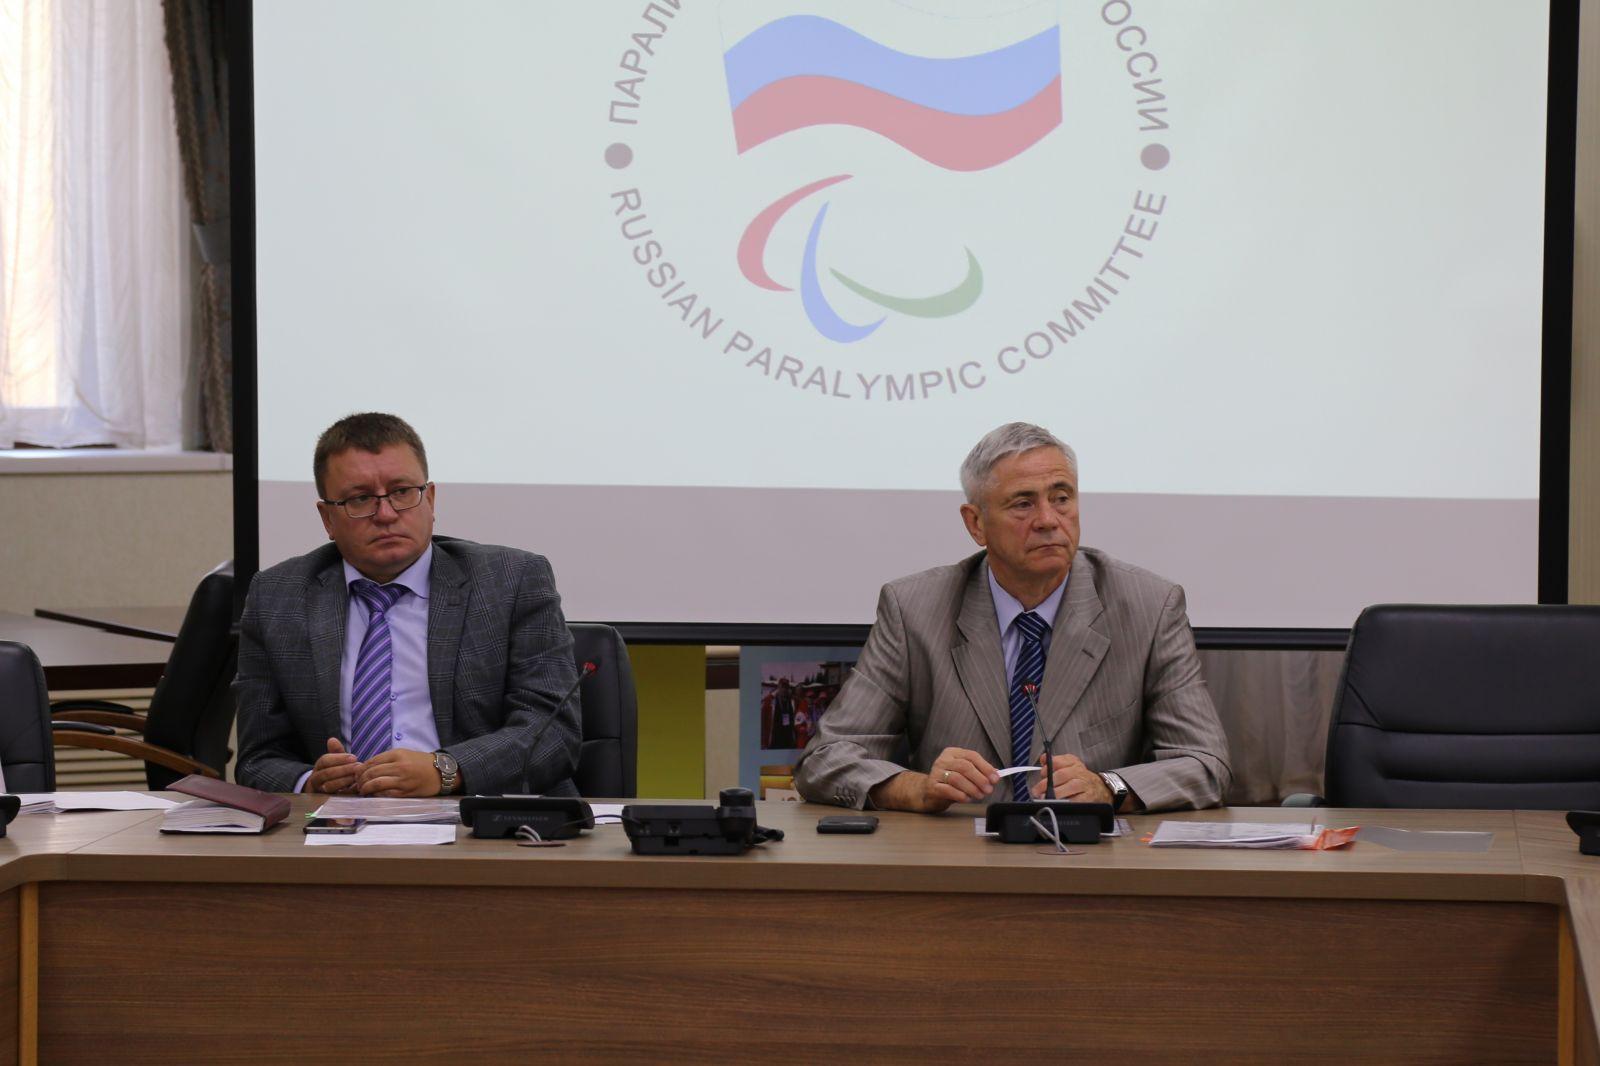 П.А. Рожков провел заседания Бюро рабочих групп Паралимпийского комитета России по подготовке паралимпийских сборных команд России к участию в Паралимпийских играх 2020 г. в г. Токио и Паралимпийских играх 2022 г. в г. Пекин